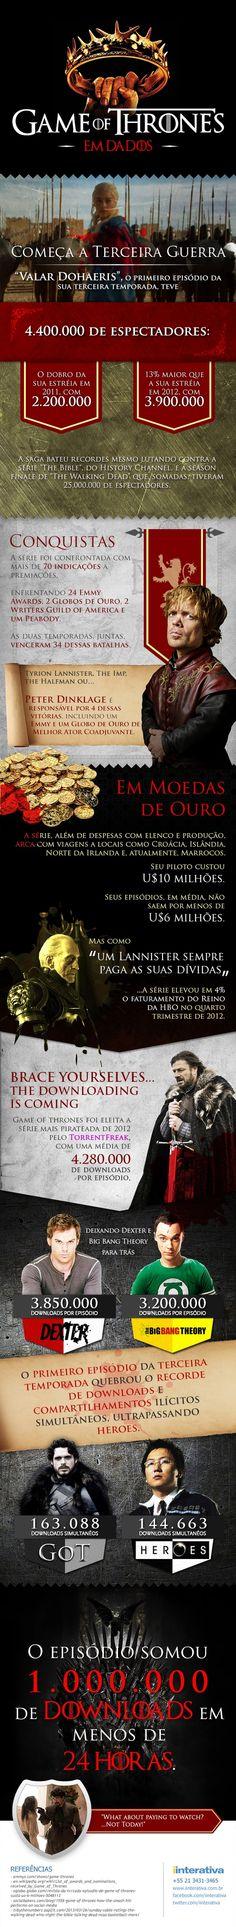 Infográfico resume em números o sucesso de Game of Thrones (via @Administradores Portal)